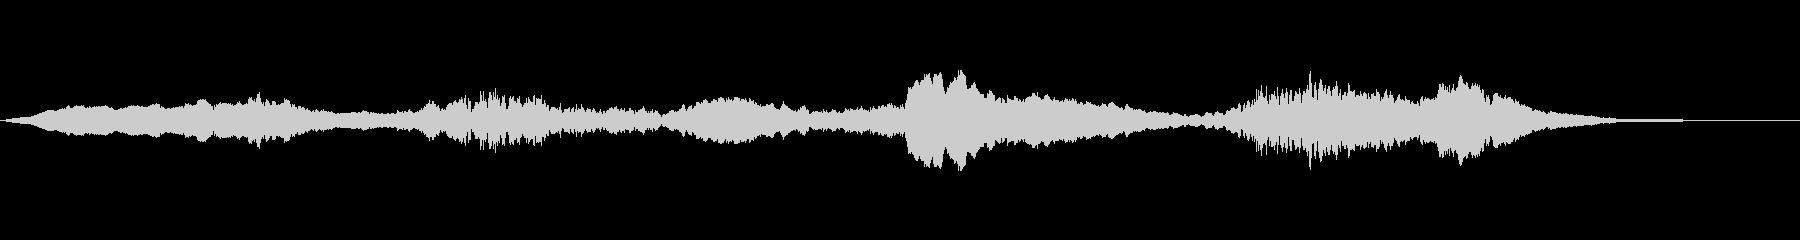 エリーハロウィンエフェクトの未再生の波形